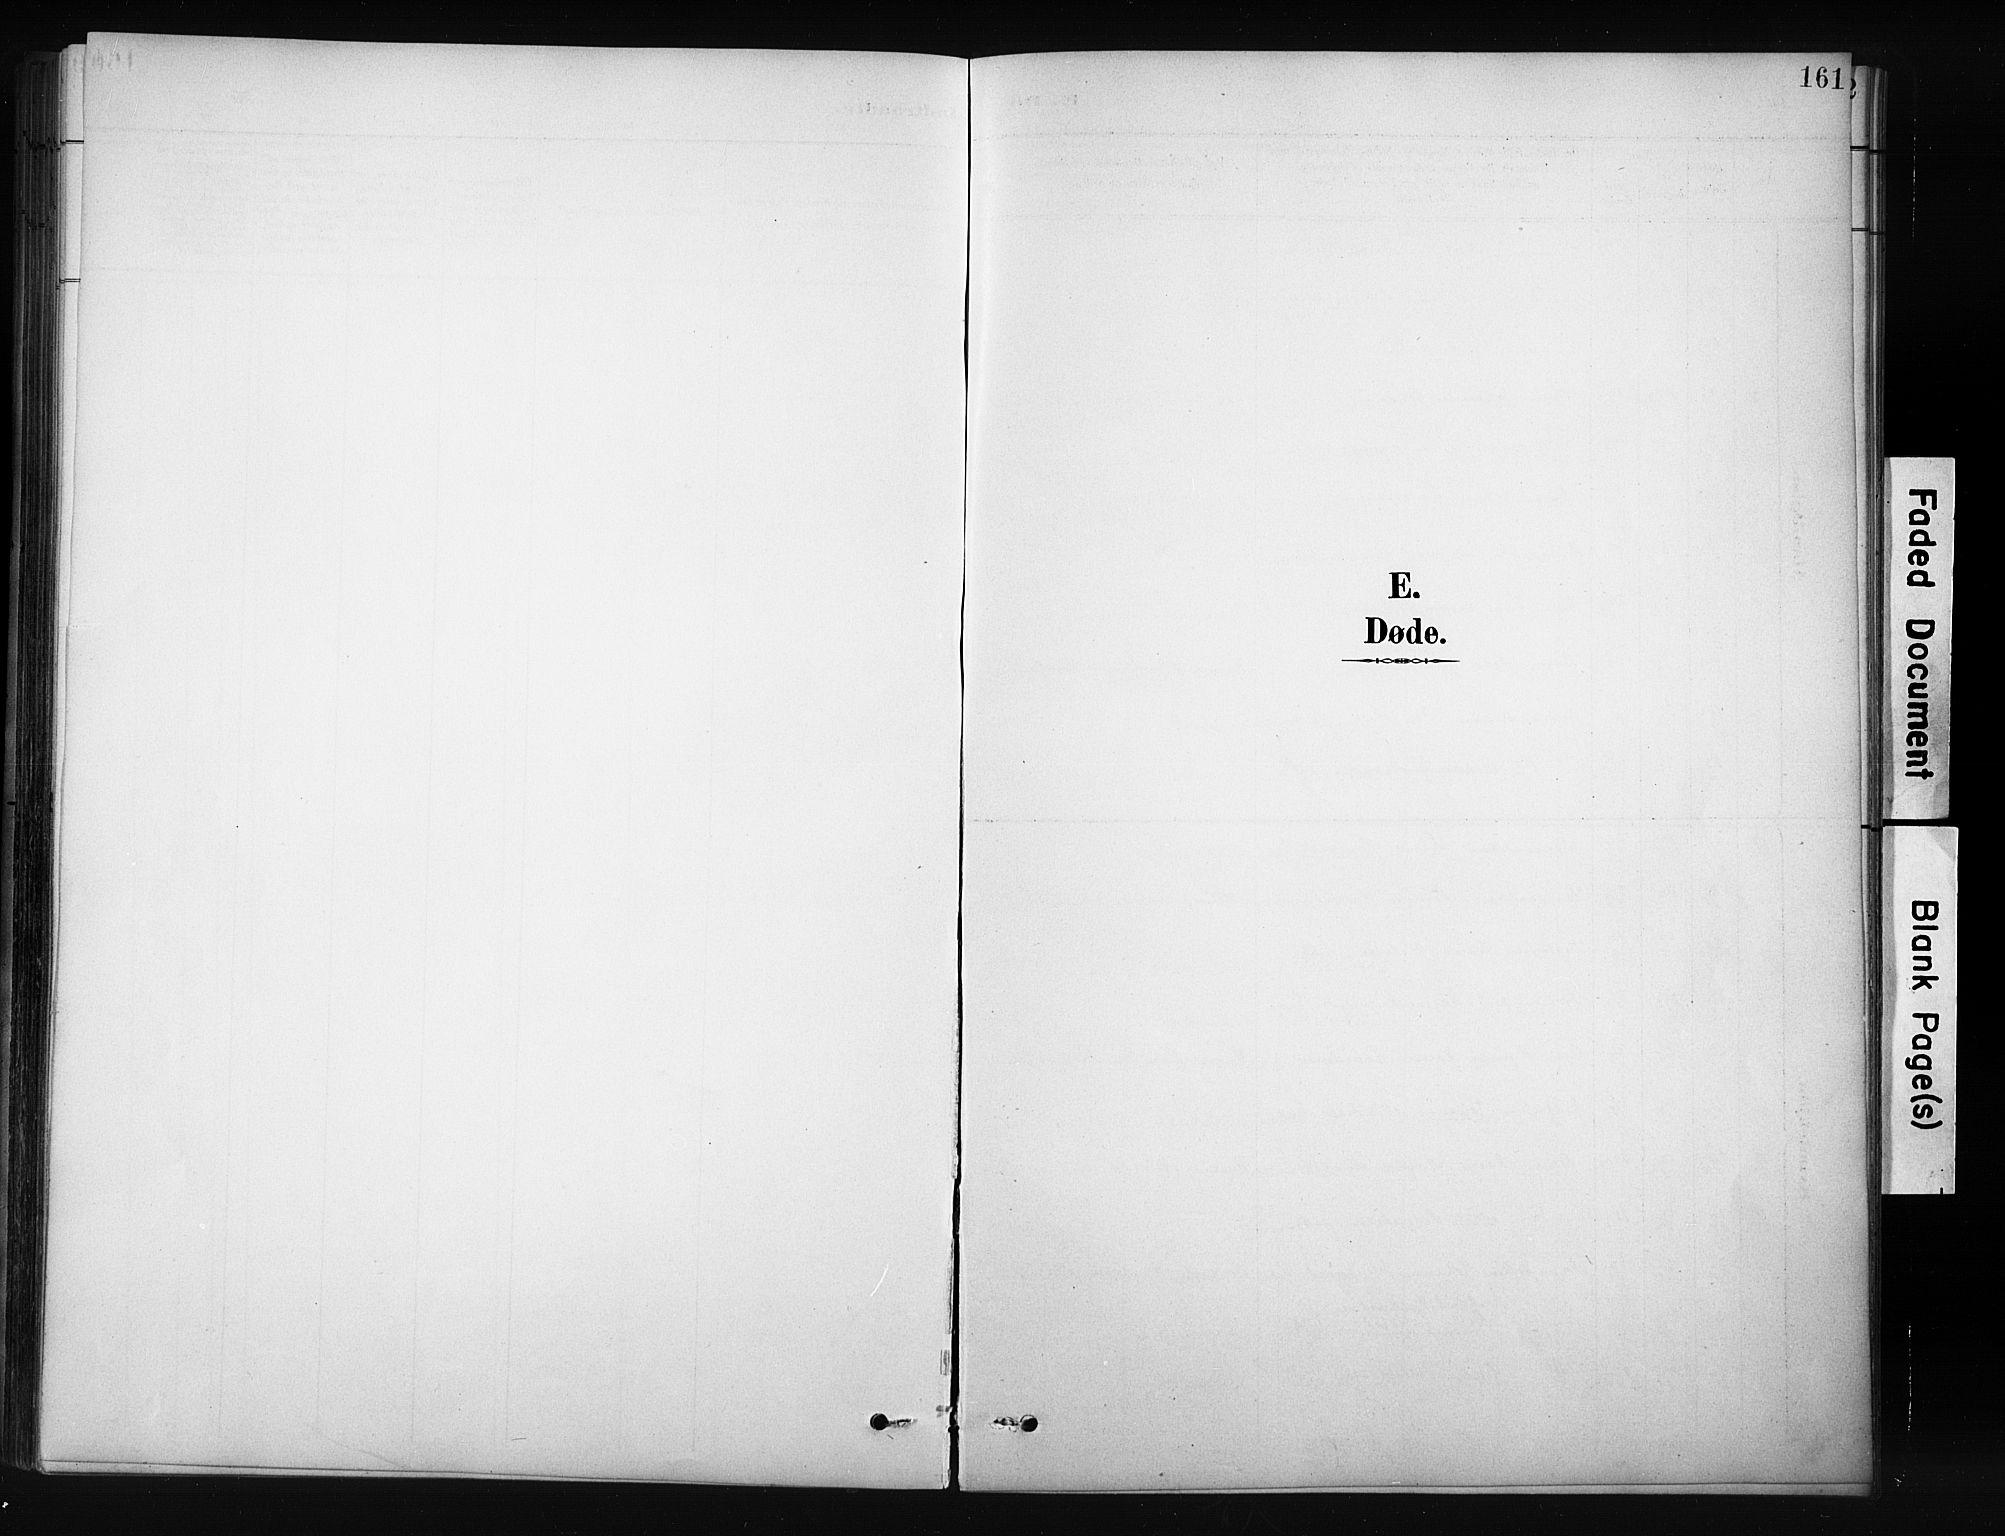 SAH, Nordre Land prestekontor, Klokkerbok nr. 12, 1891-1909, s. 161